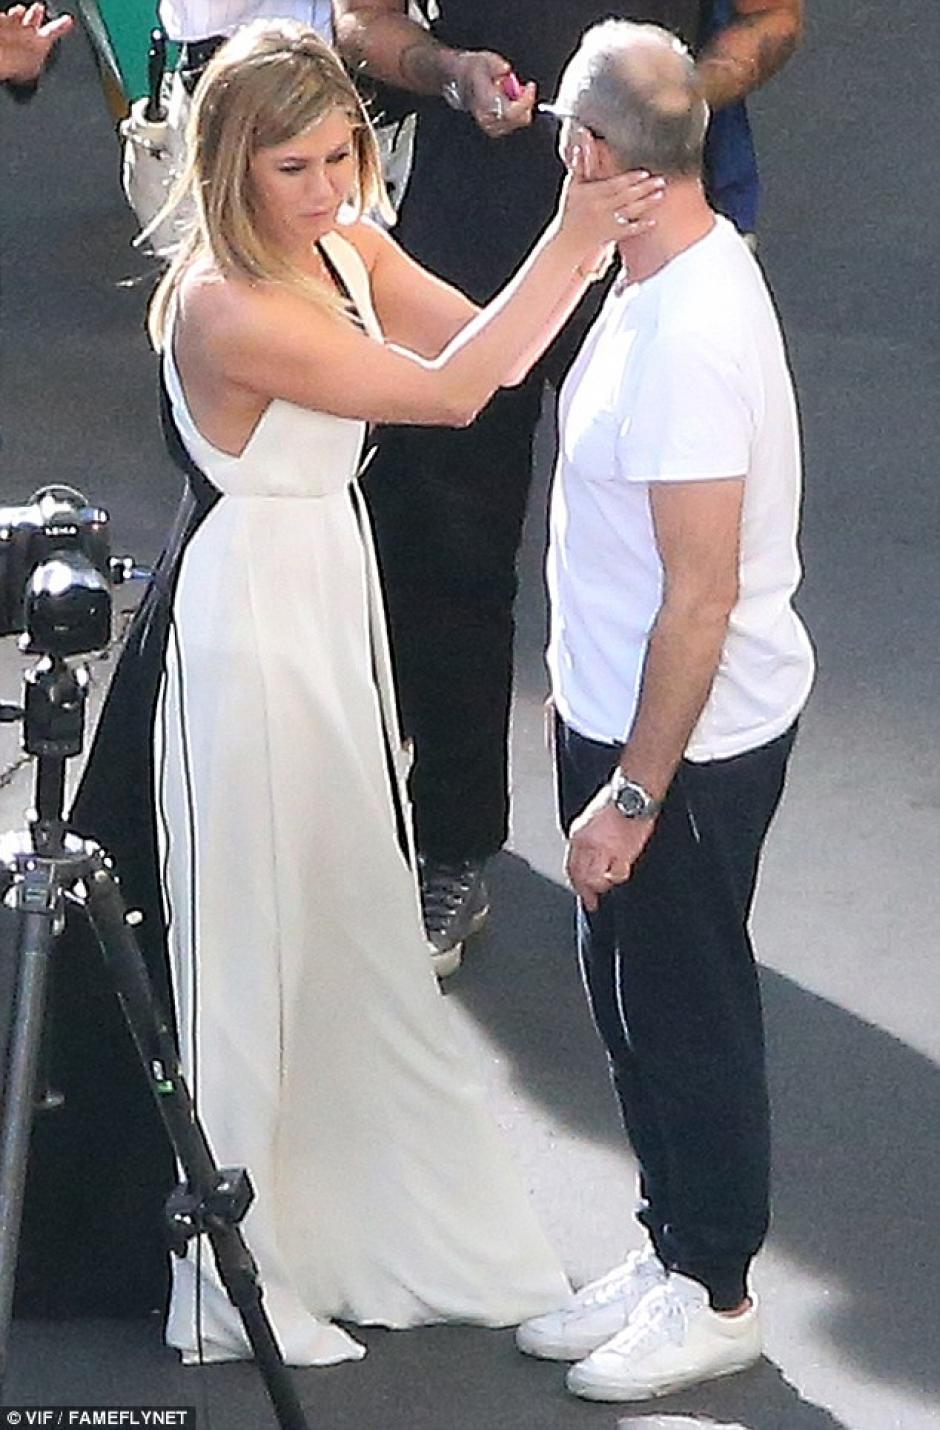 Jennifer tuvo que voltear la cara a su compañero para que no viera de más mientras hablaban de frente. (Foto: dailymail.co.uk)